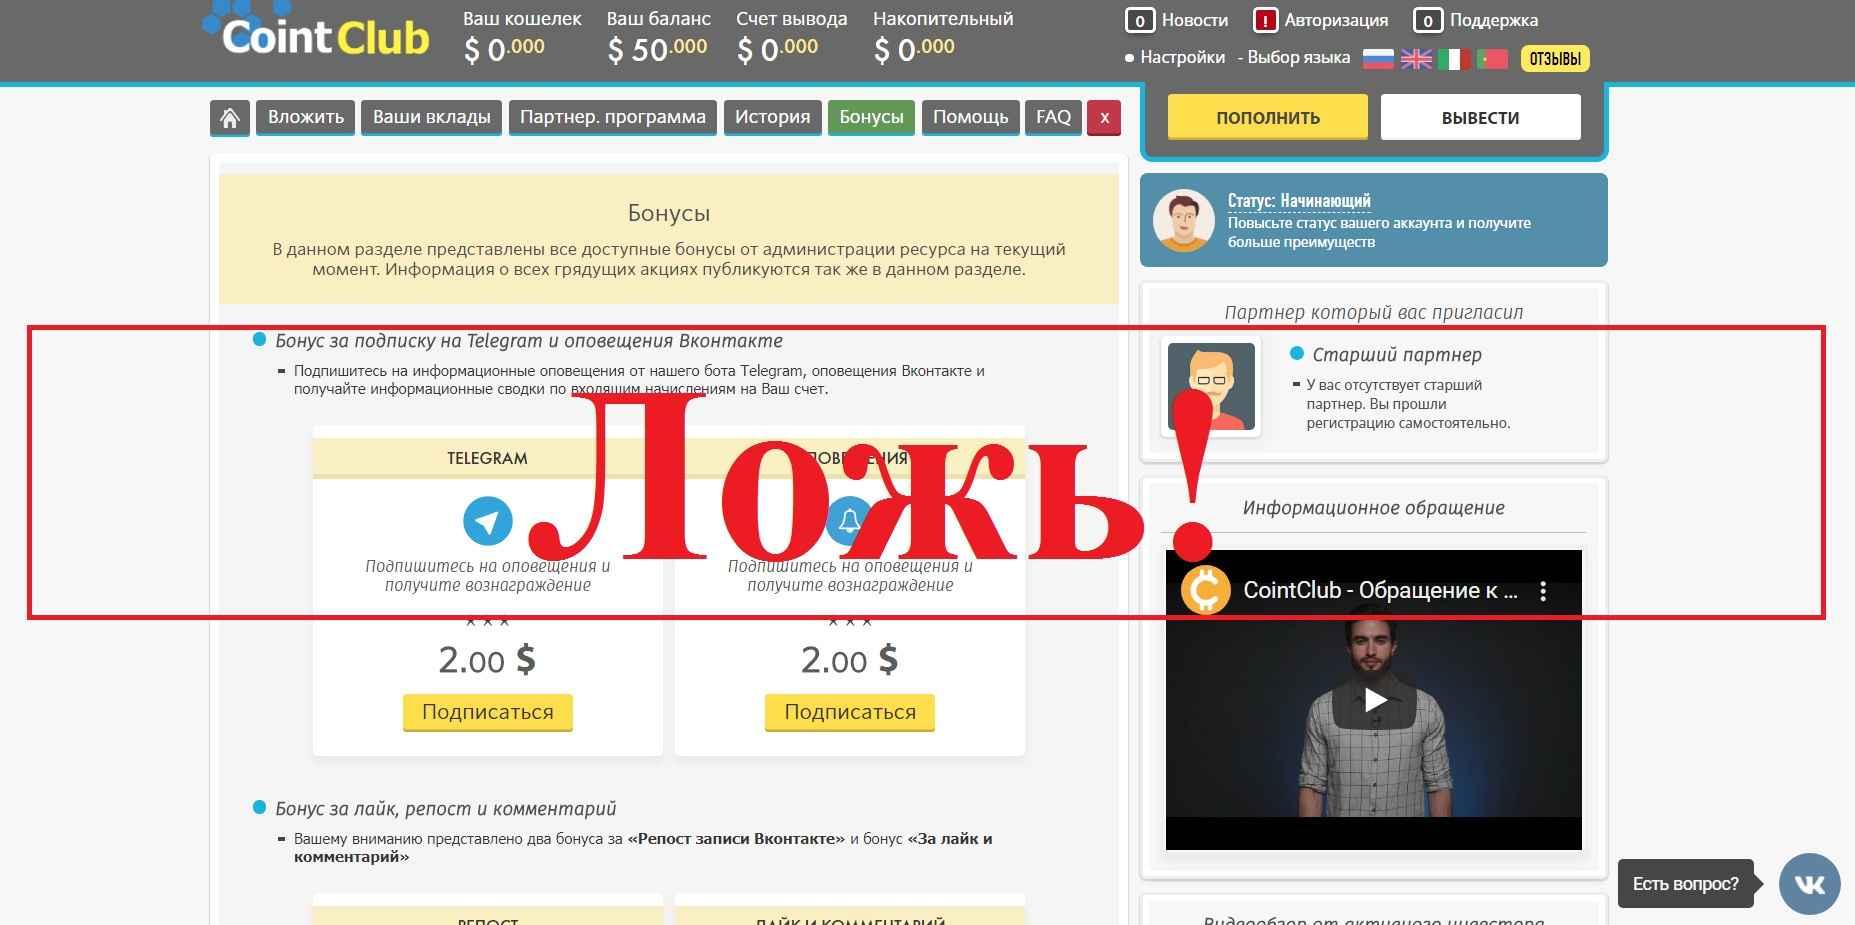 CointClub – заработок на криптовалюте. Отзывы о cointclub.com